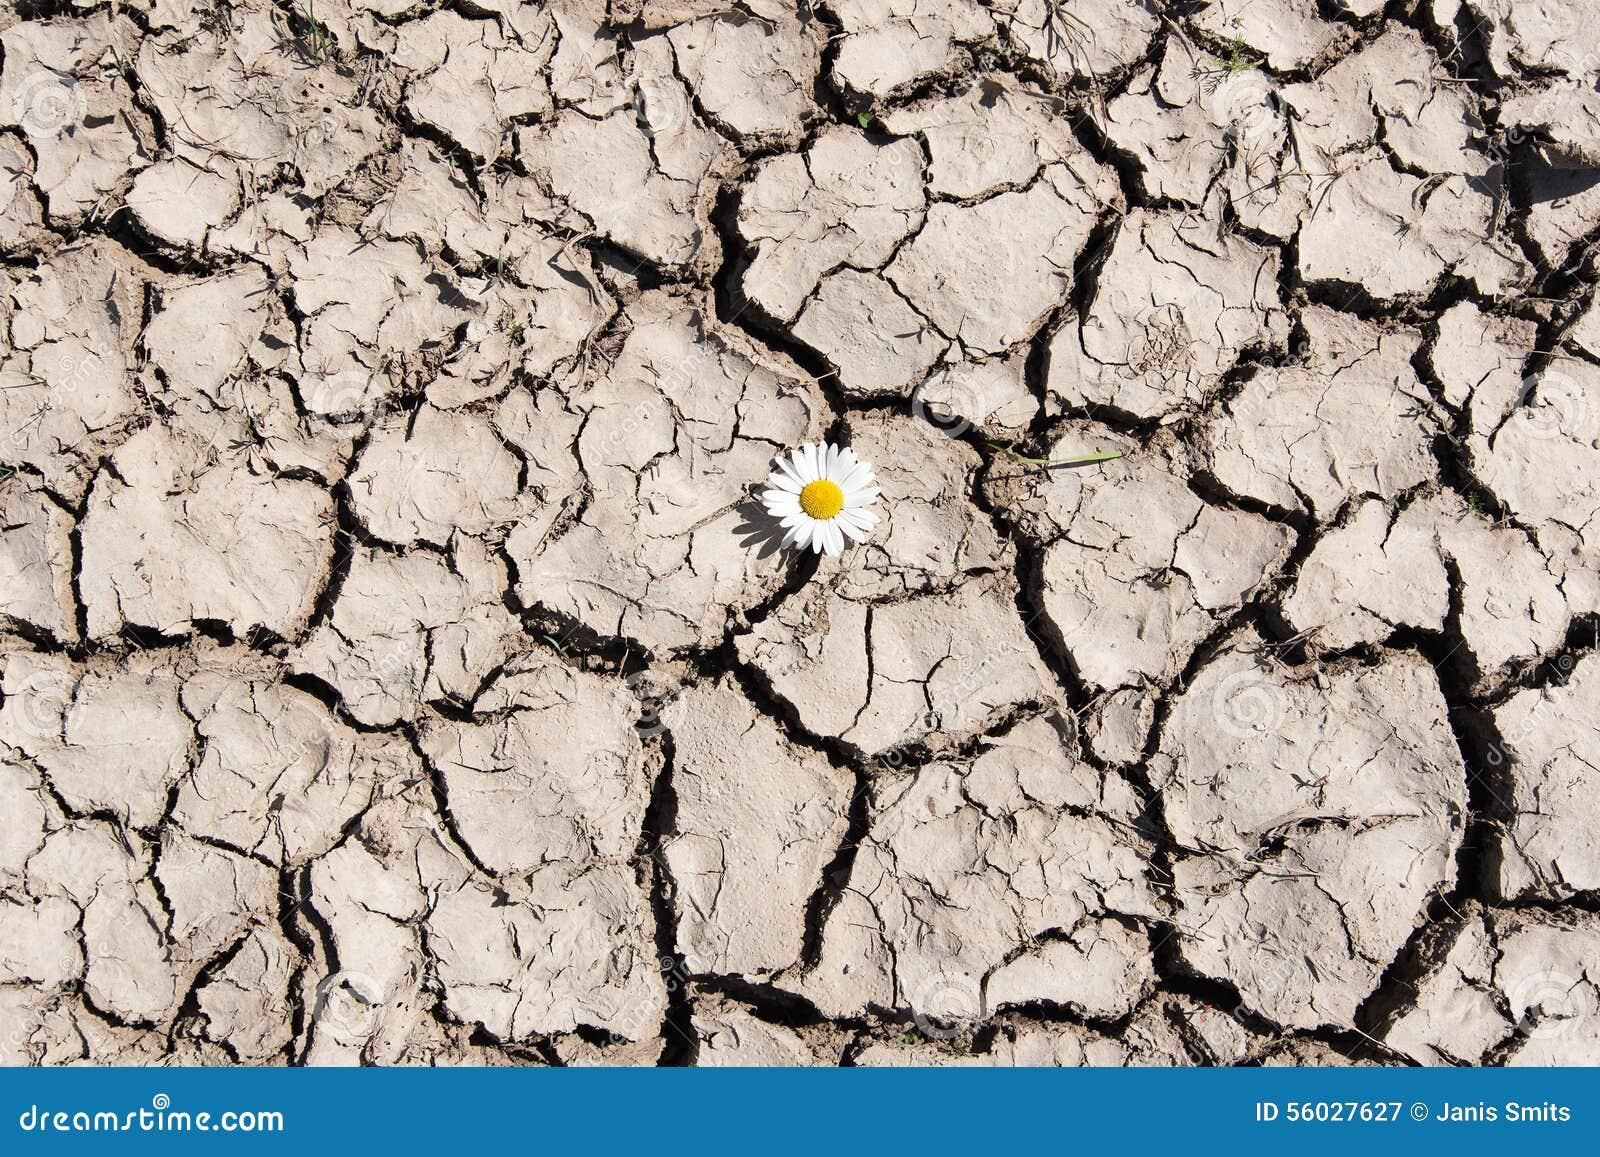 Flower in cracked soil.